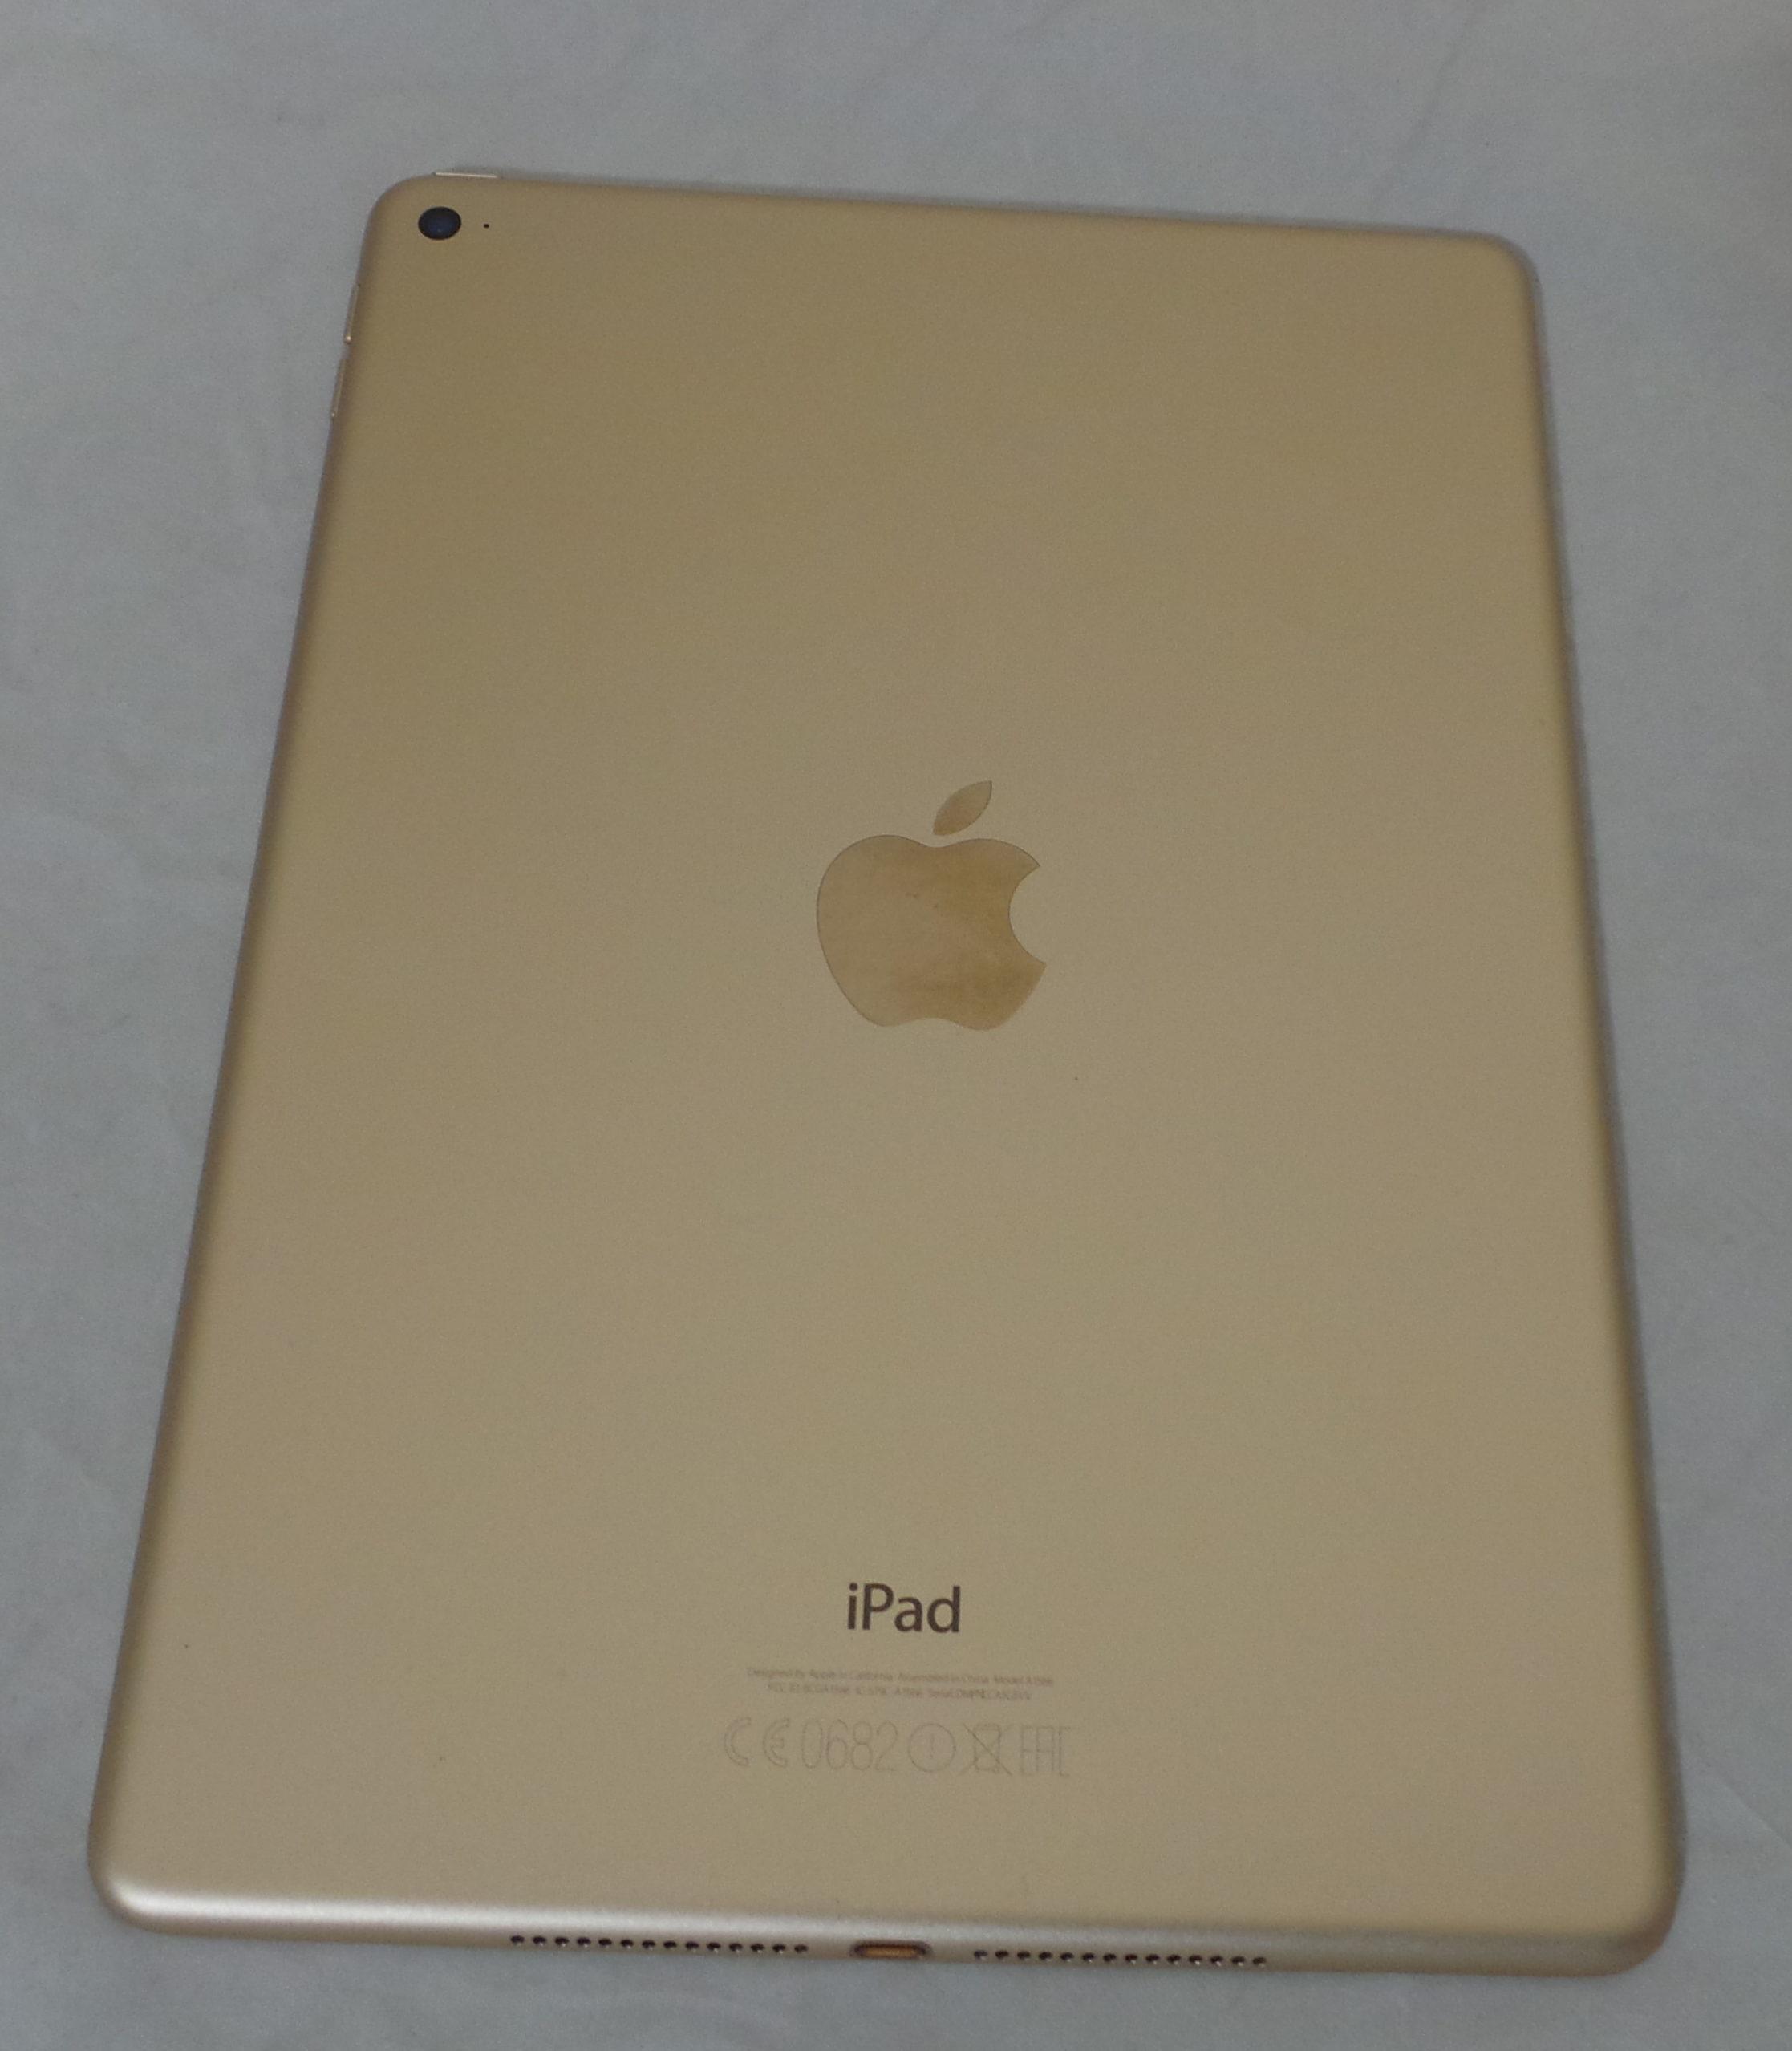 iPad Air 2 Wi-Fi 16GB, 16 GB, Gold, bild 2